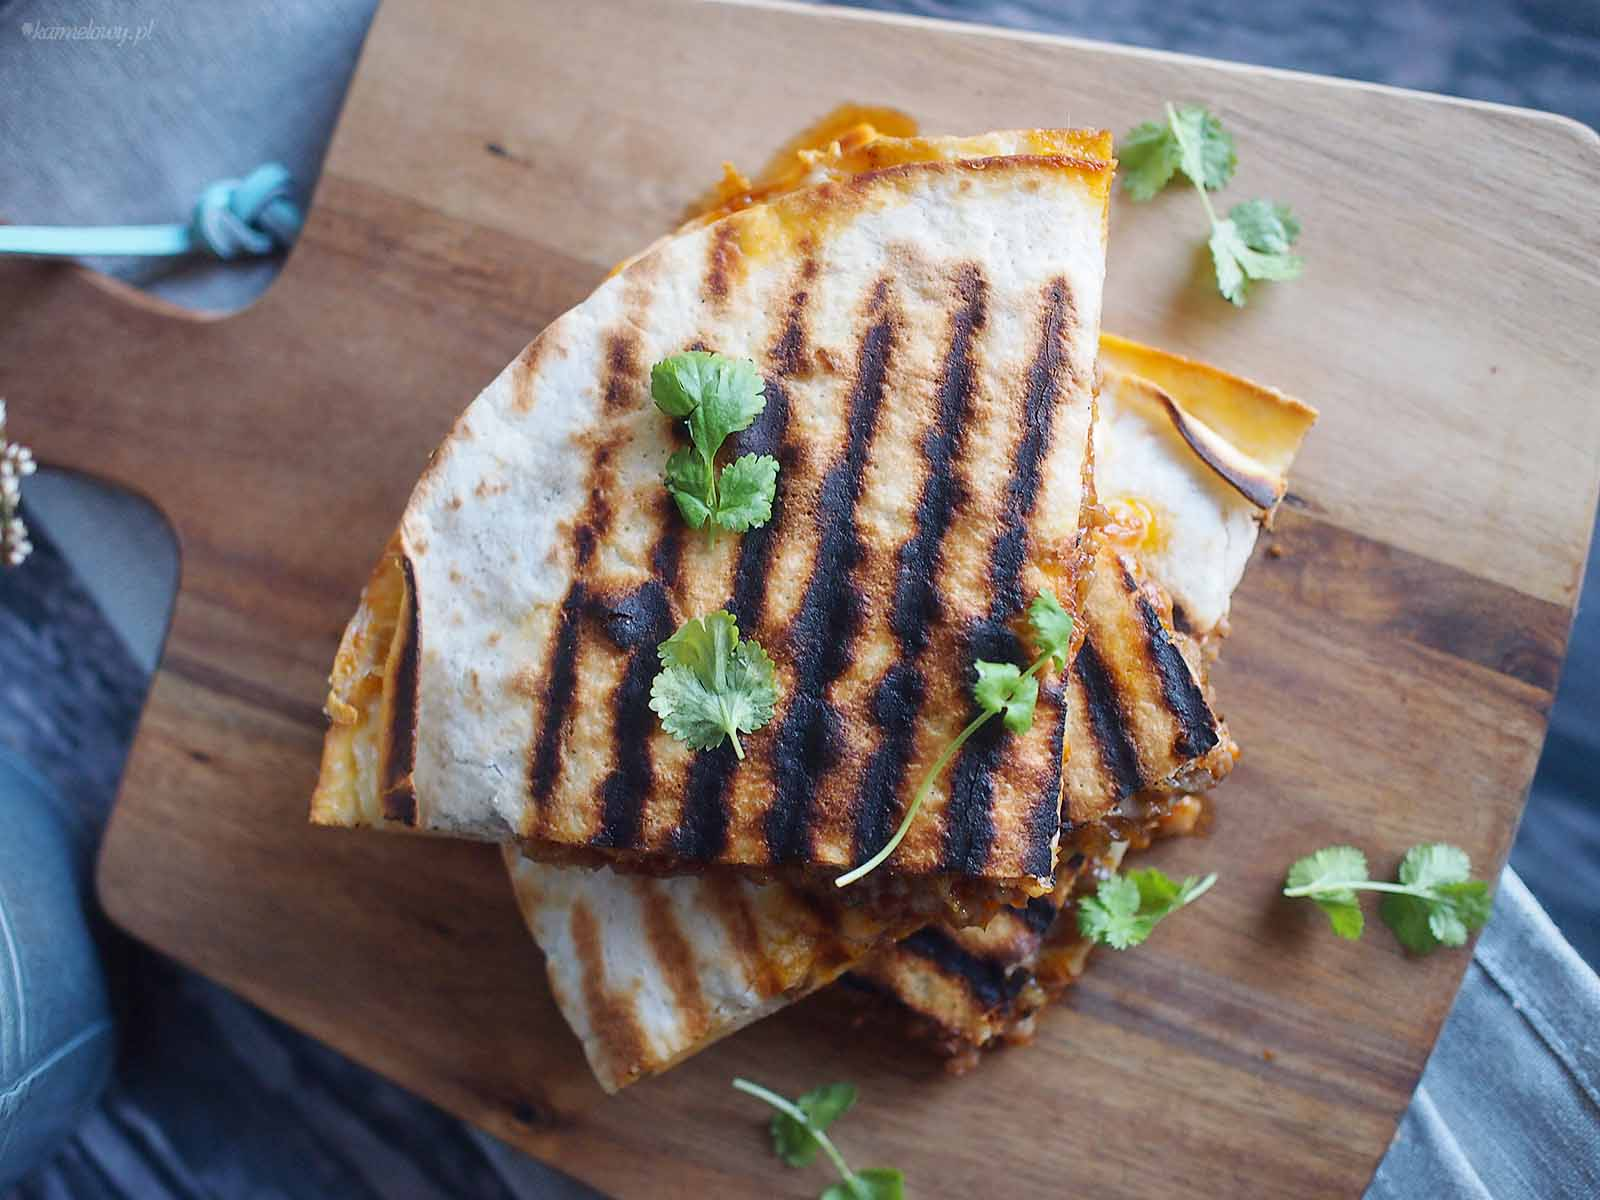 Szybka-quesadilla-z-wolowina-Easy-beef-quesadilla